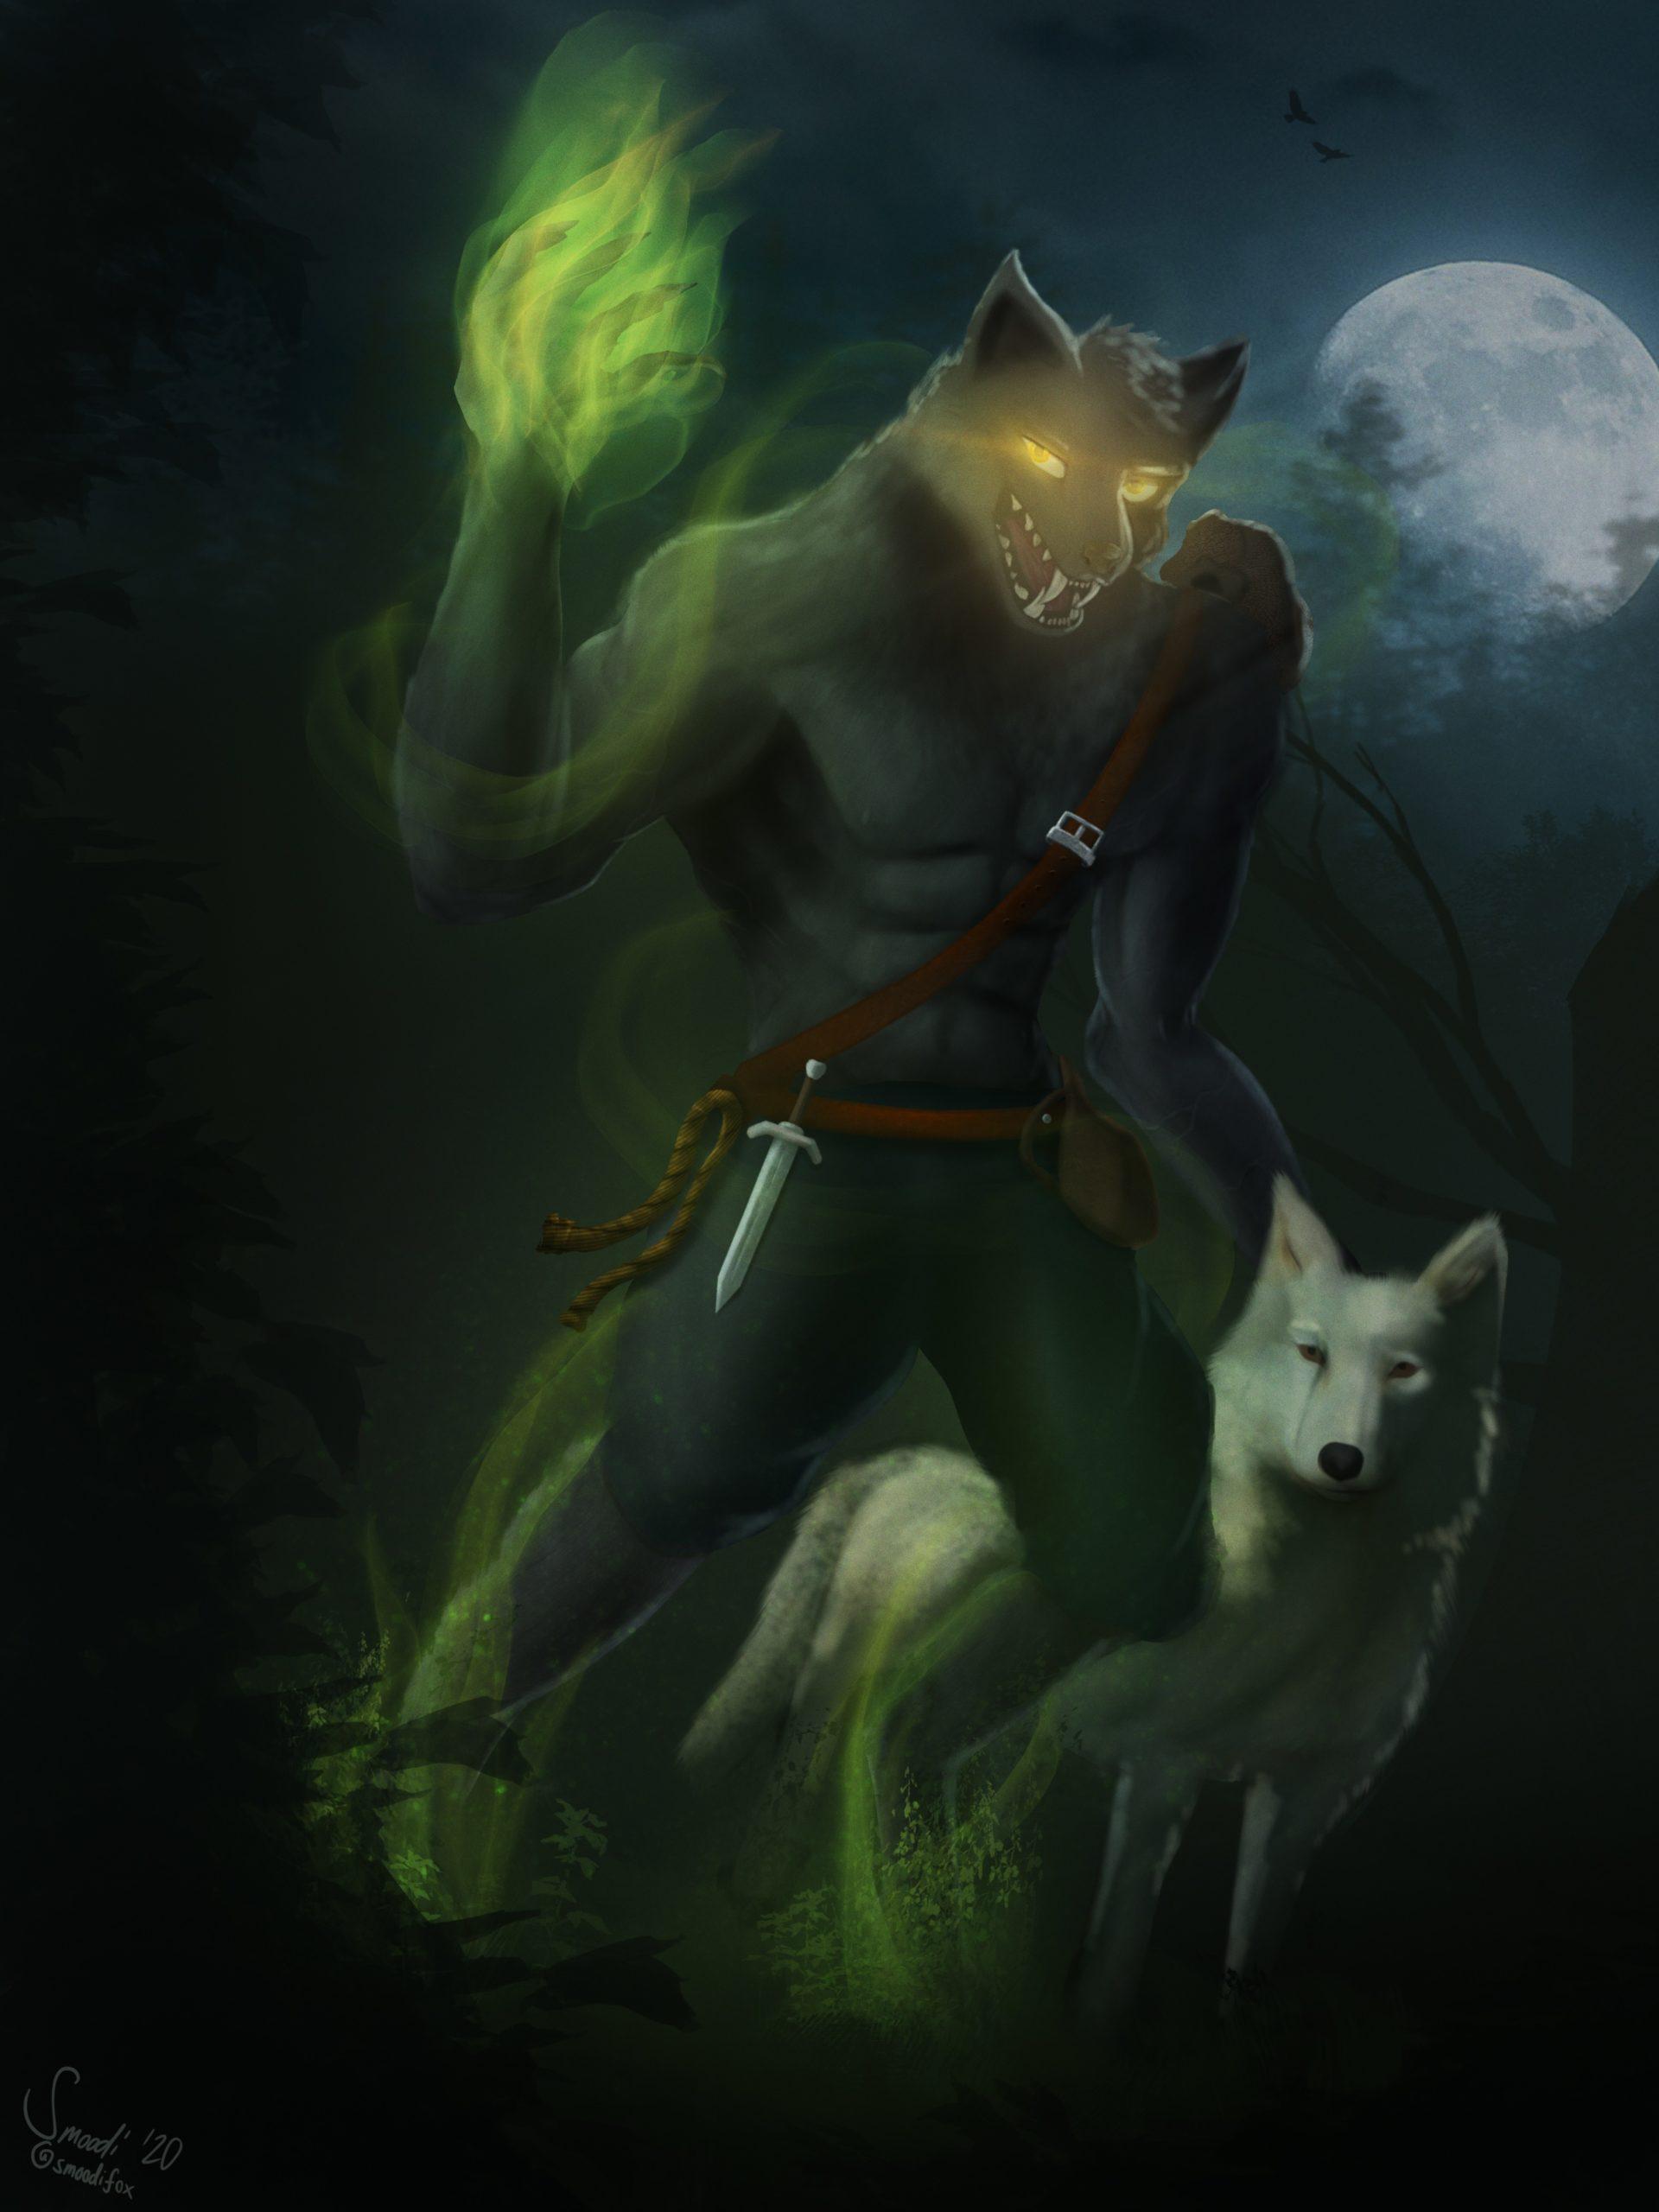 DnD werewolf character (October 2020)